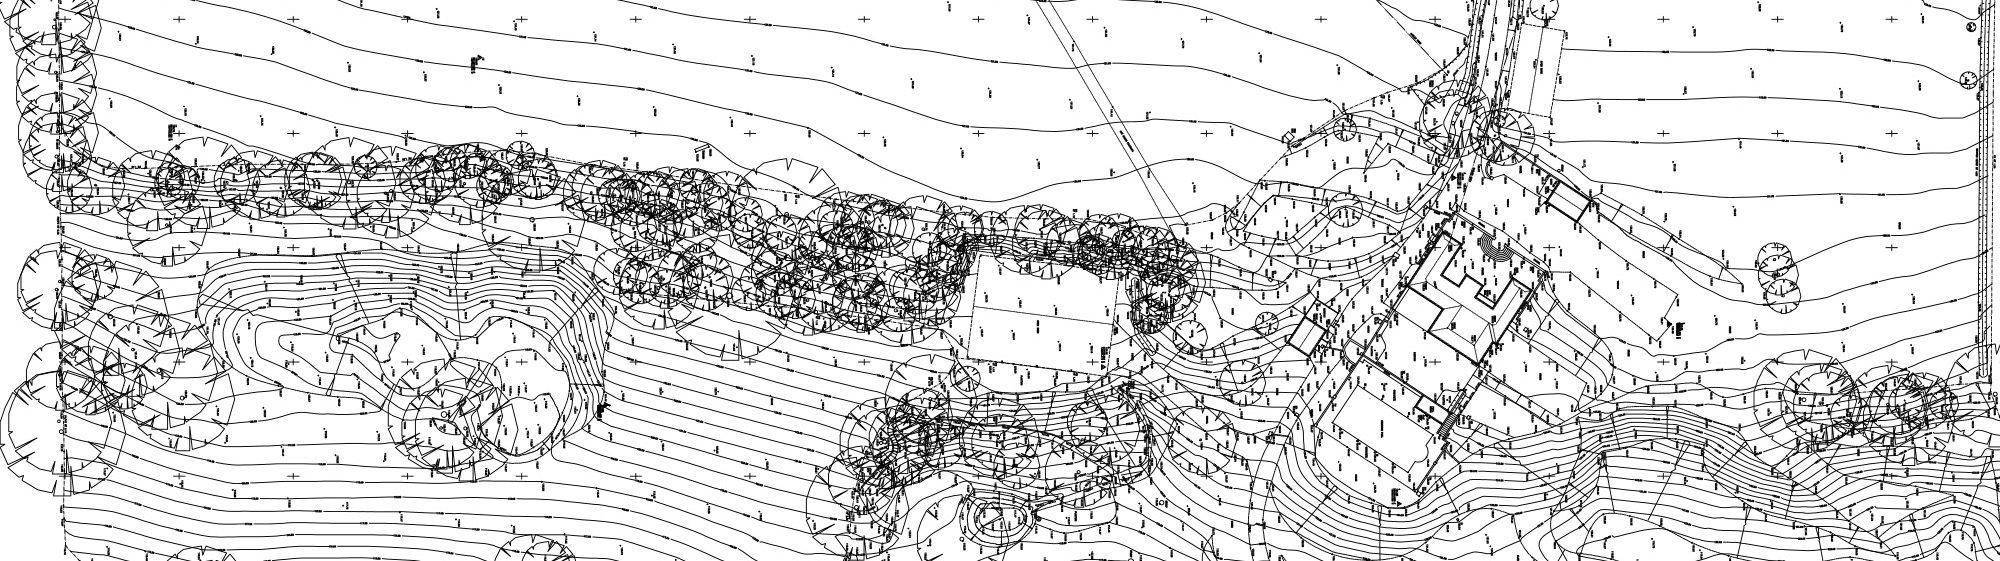 Site Survey Lewes